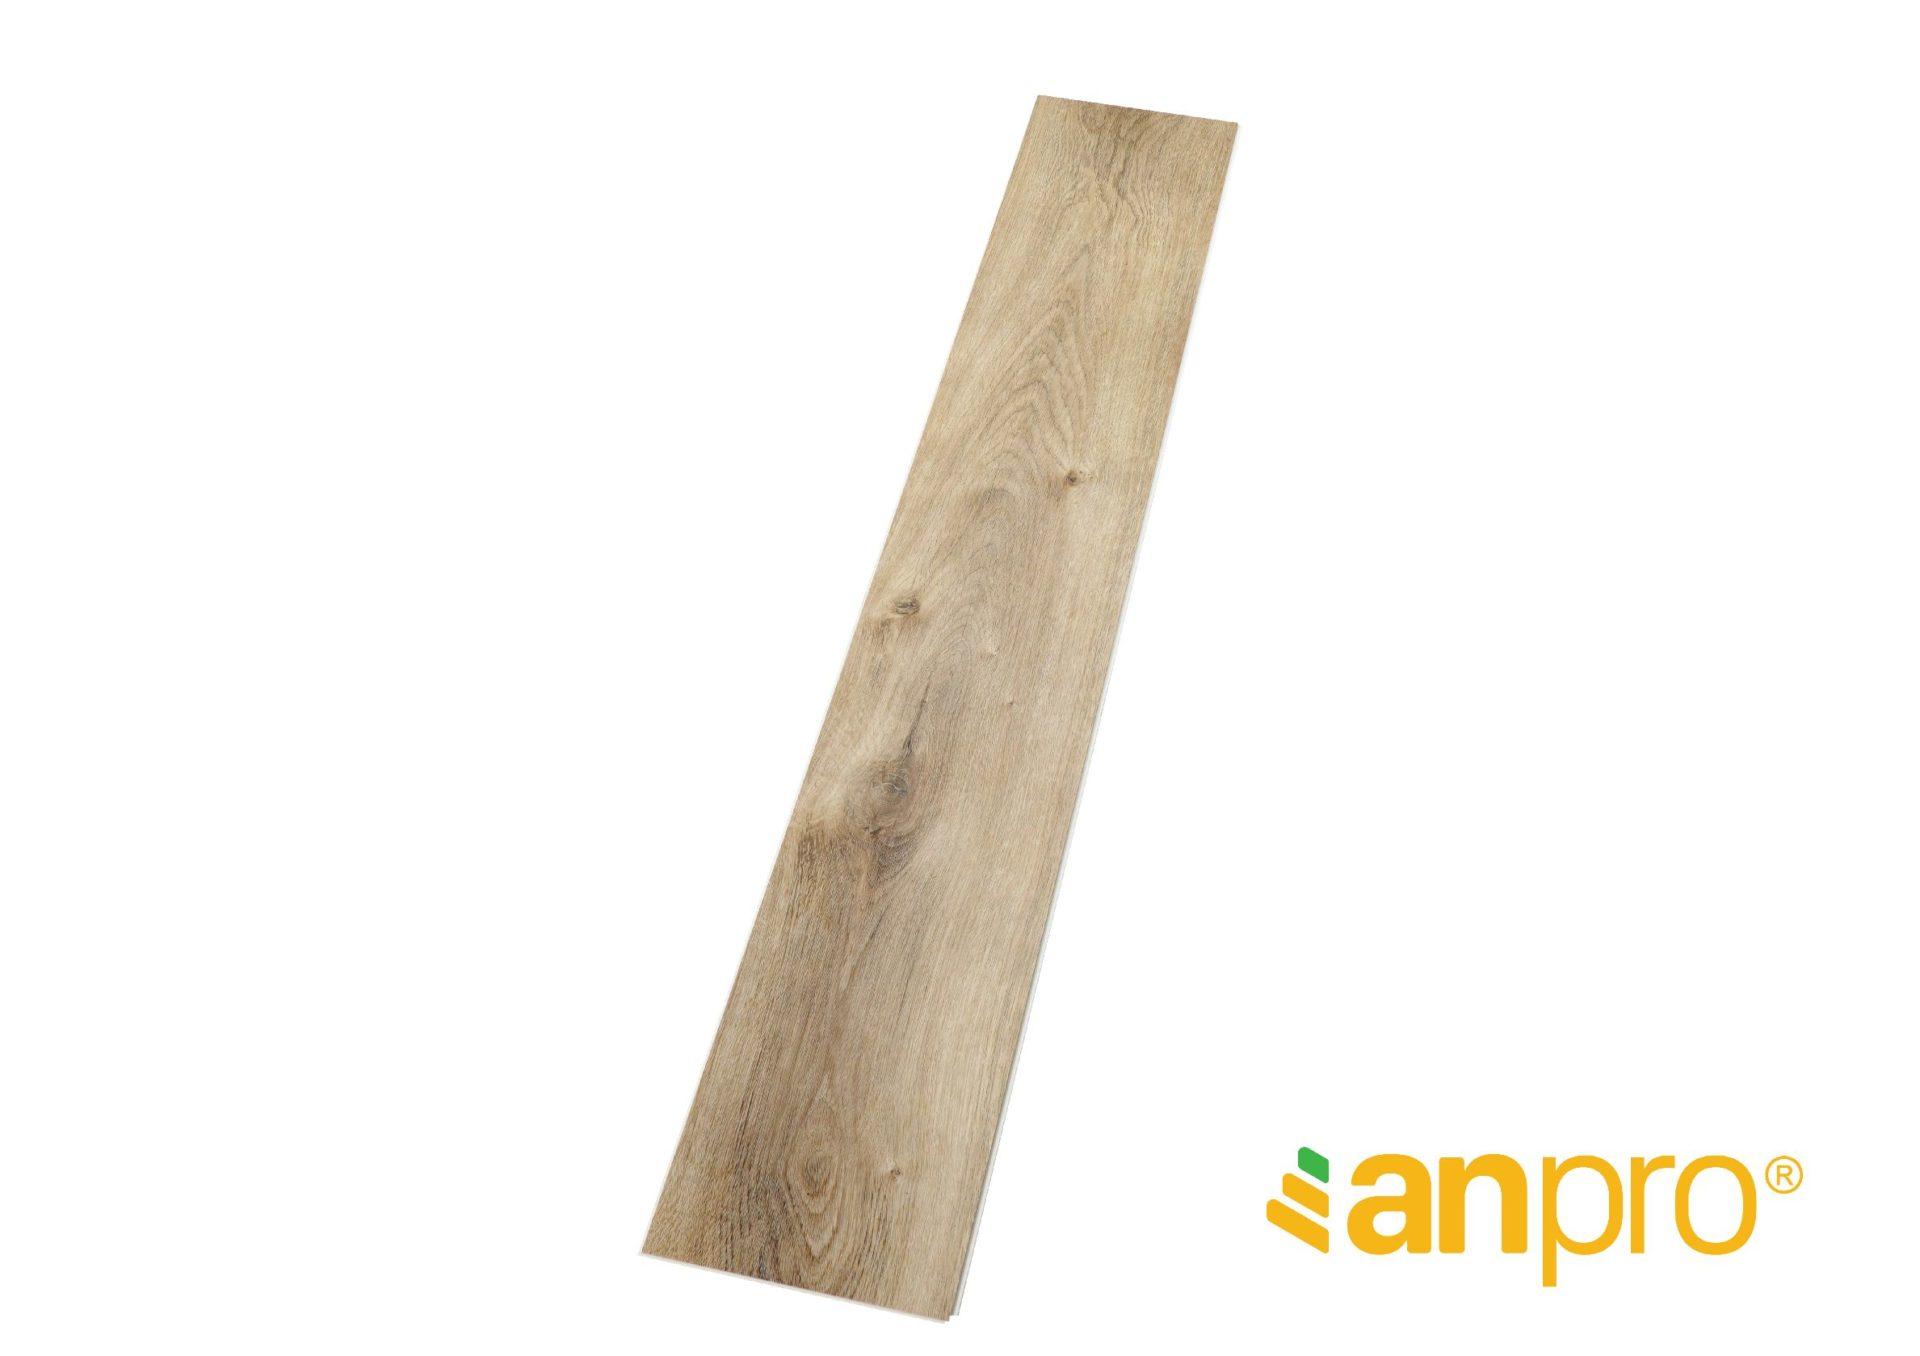 SA142 01 01 - Sàn AnPro vân gỗ SA151